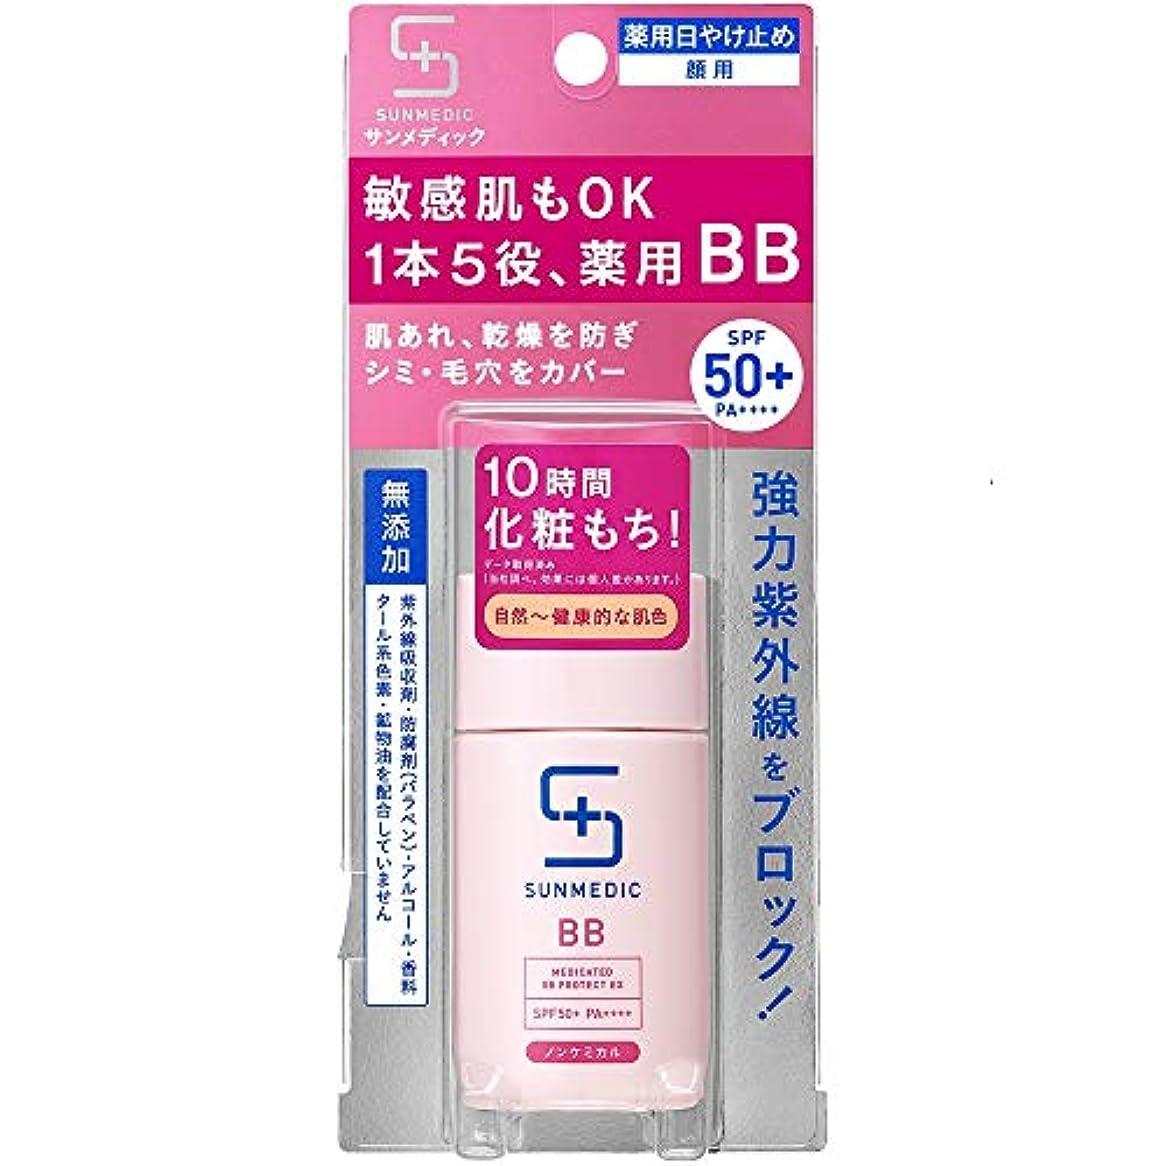 ブラウズまた明日ねリップサンメディックUV 薬用BBプロテクトEX ナチュラル 30ml (医薬部外品)